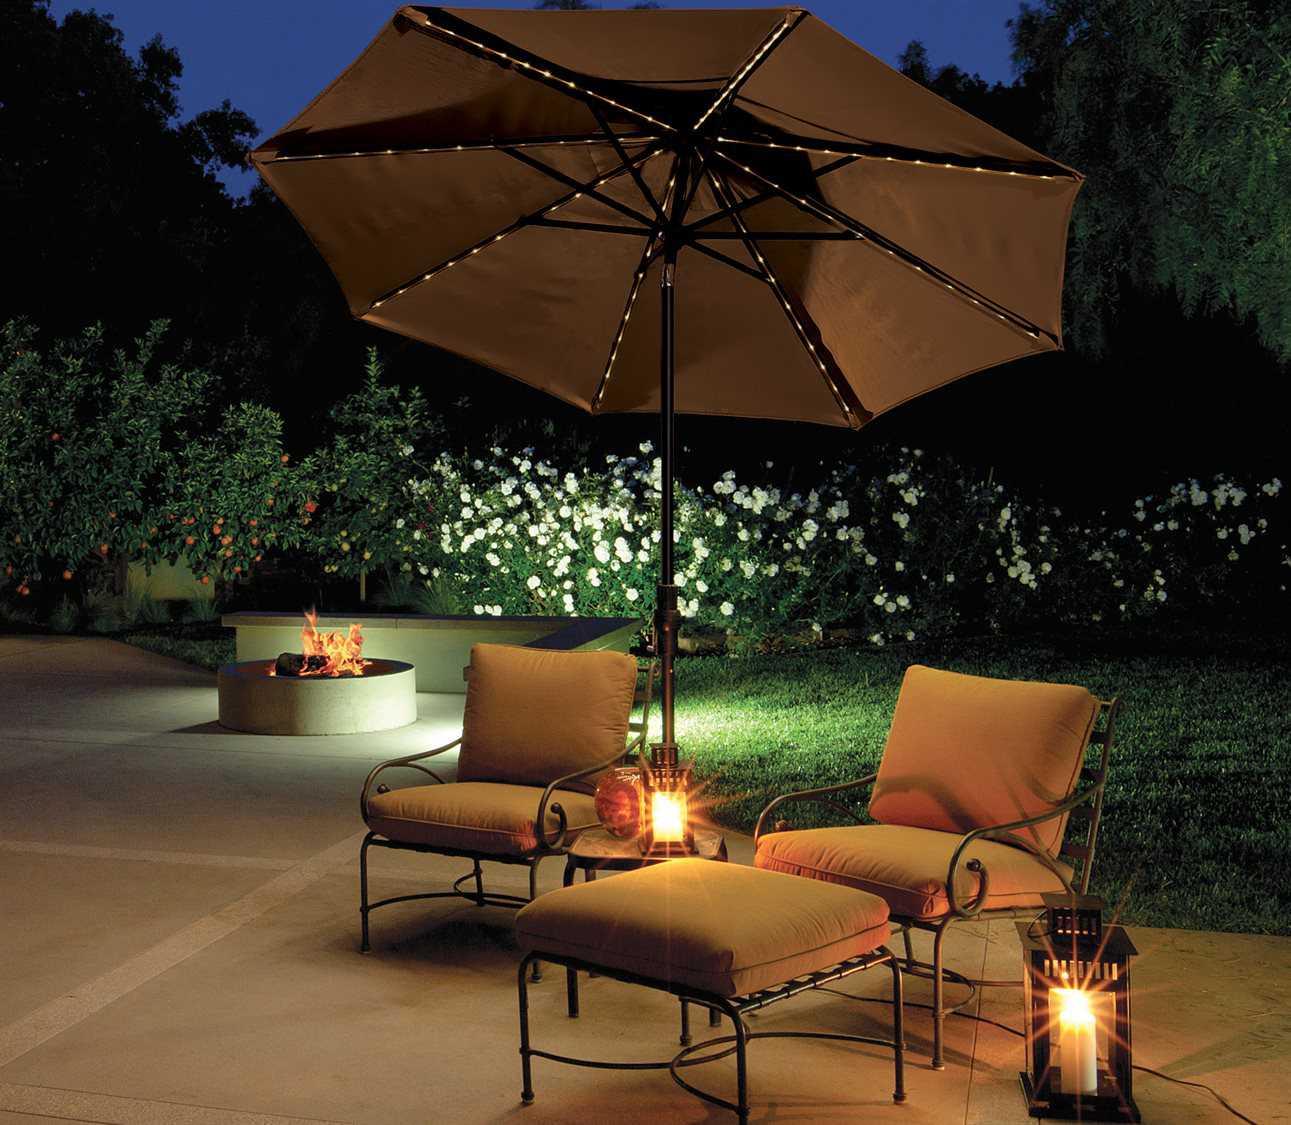 Superb Home · Patio Umbrellas · Umbrellas U0026 Shades · + Shop All Treasure Garden ·  Hover To Zoom